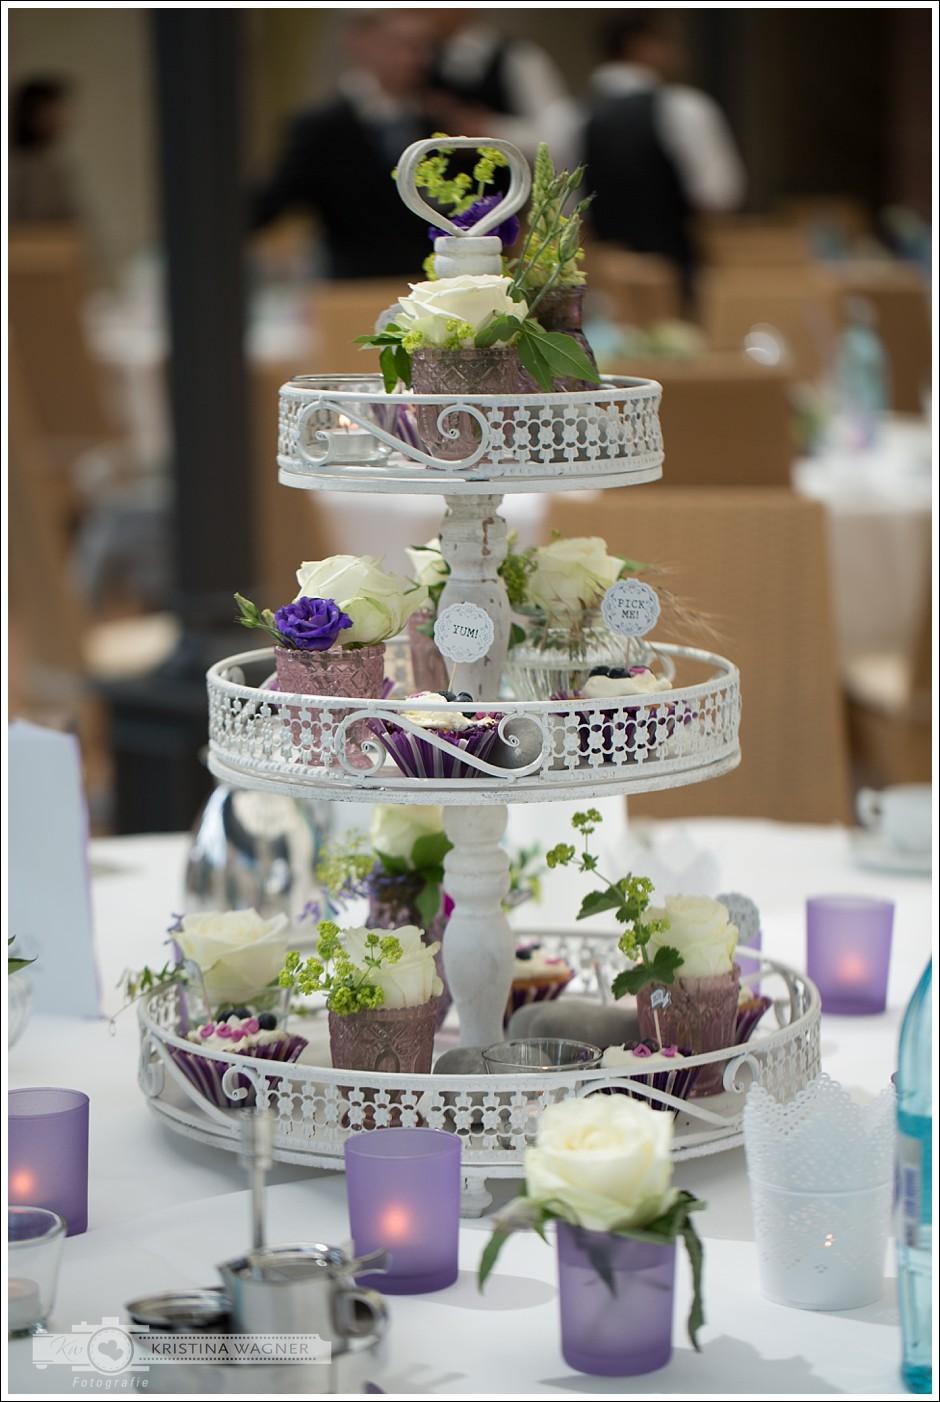 Tischdekoration & Details (13 von 50)_BLOG